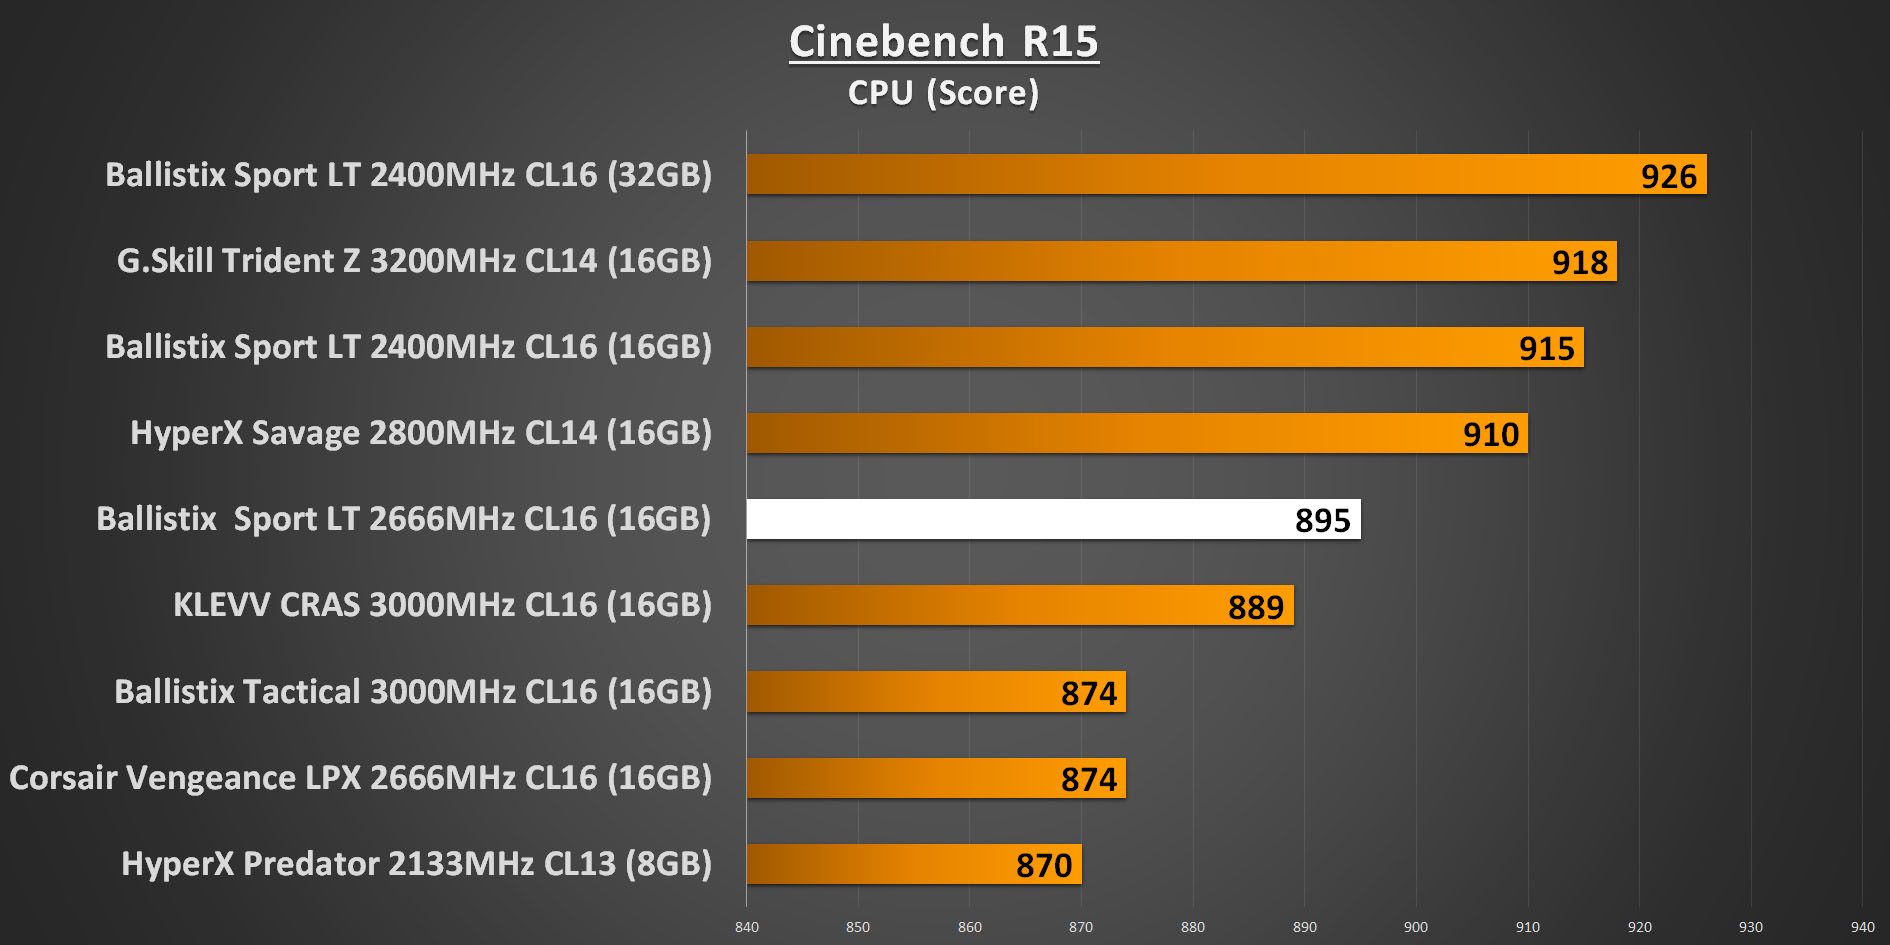 Ballistix Sport LT 2666MHz - Cinebench R15 CPU Performance